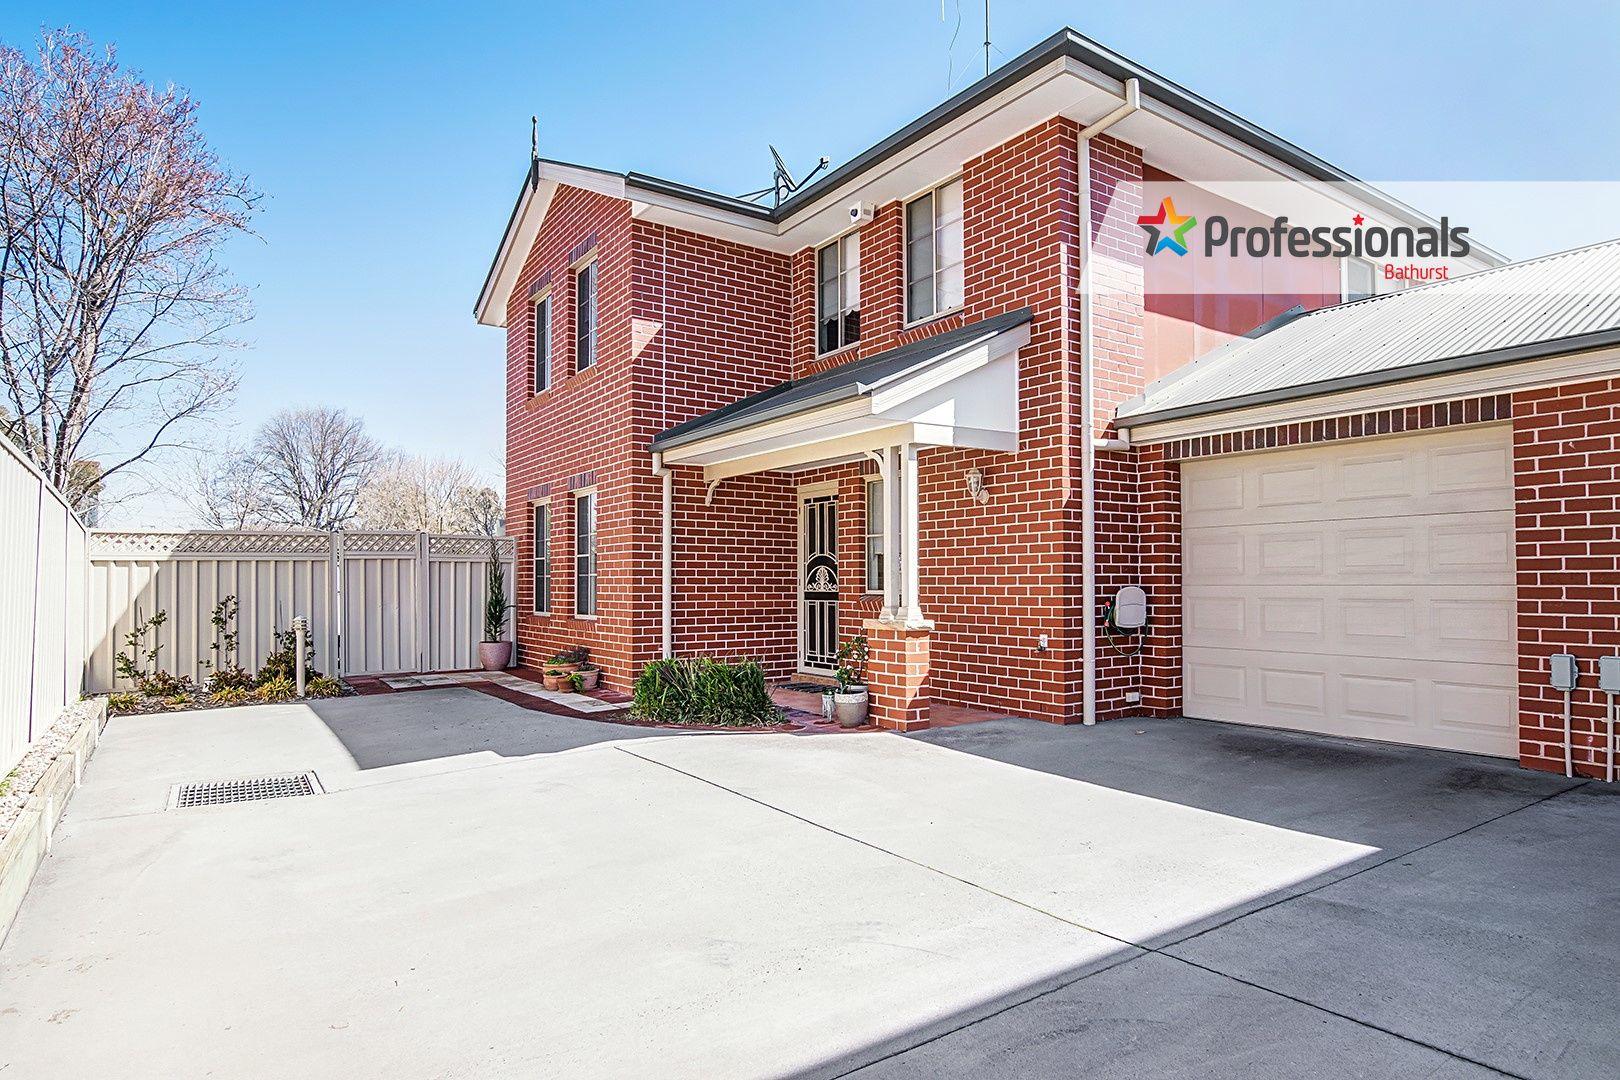 4/126 Howick Street, Bathurst NSW 2795